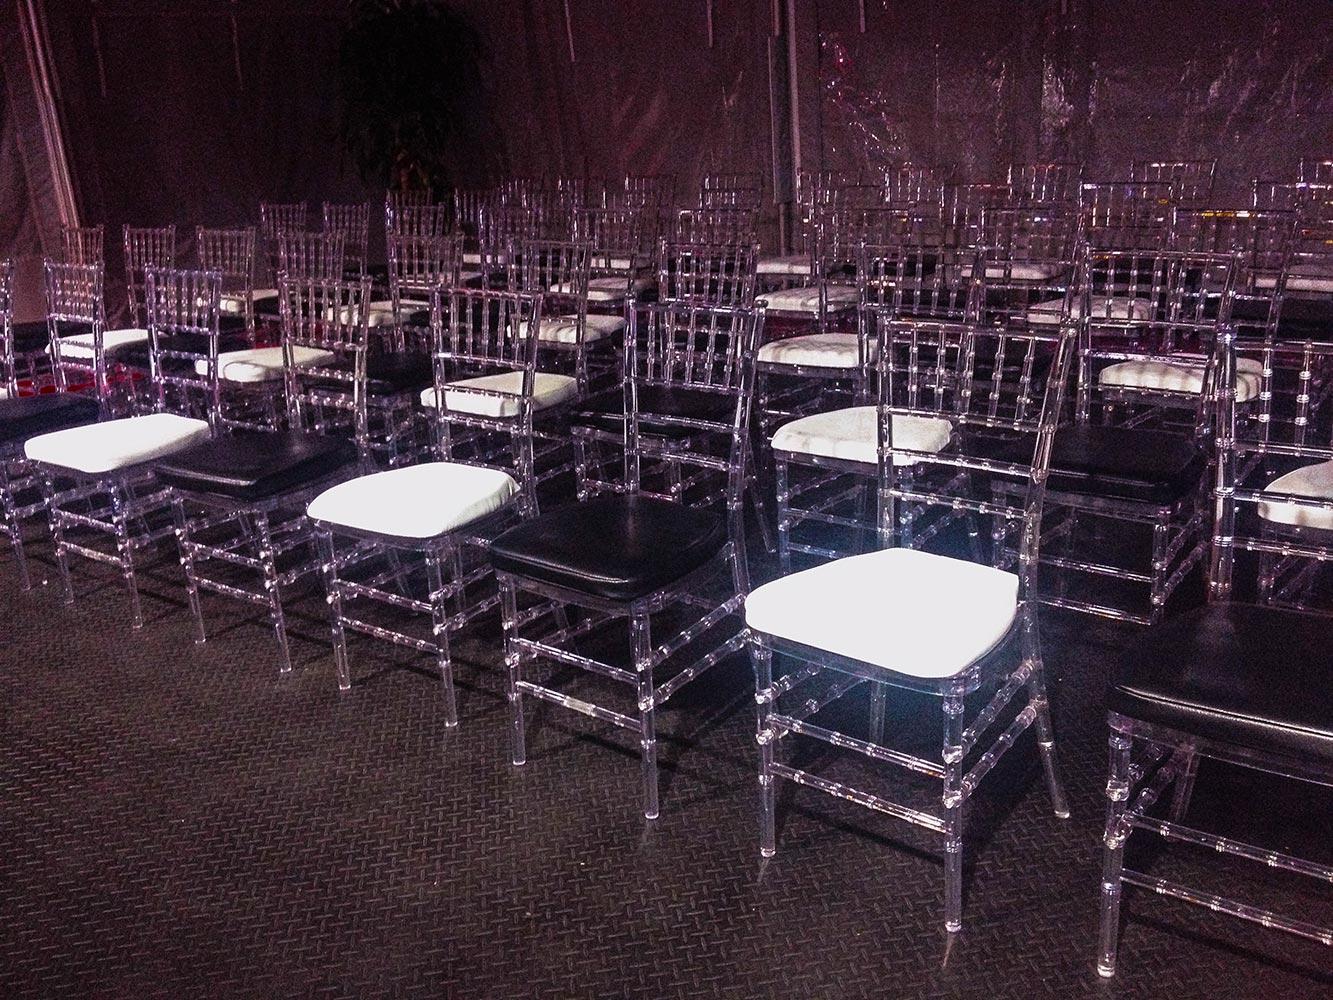 Clear Chiavari chairs with black & white cushions